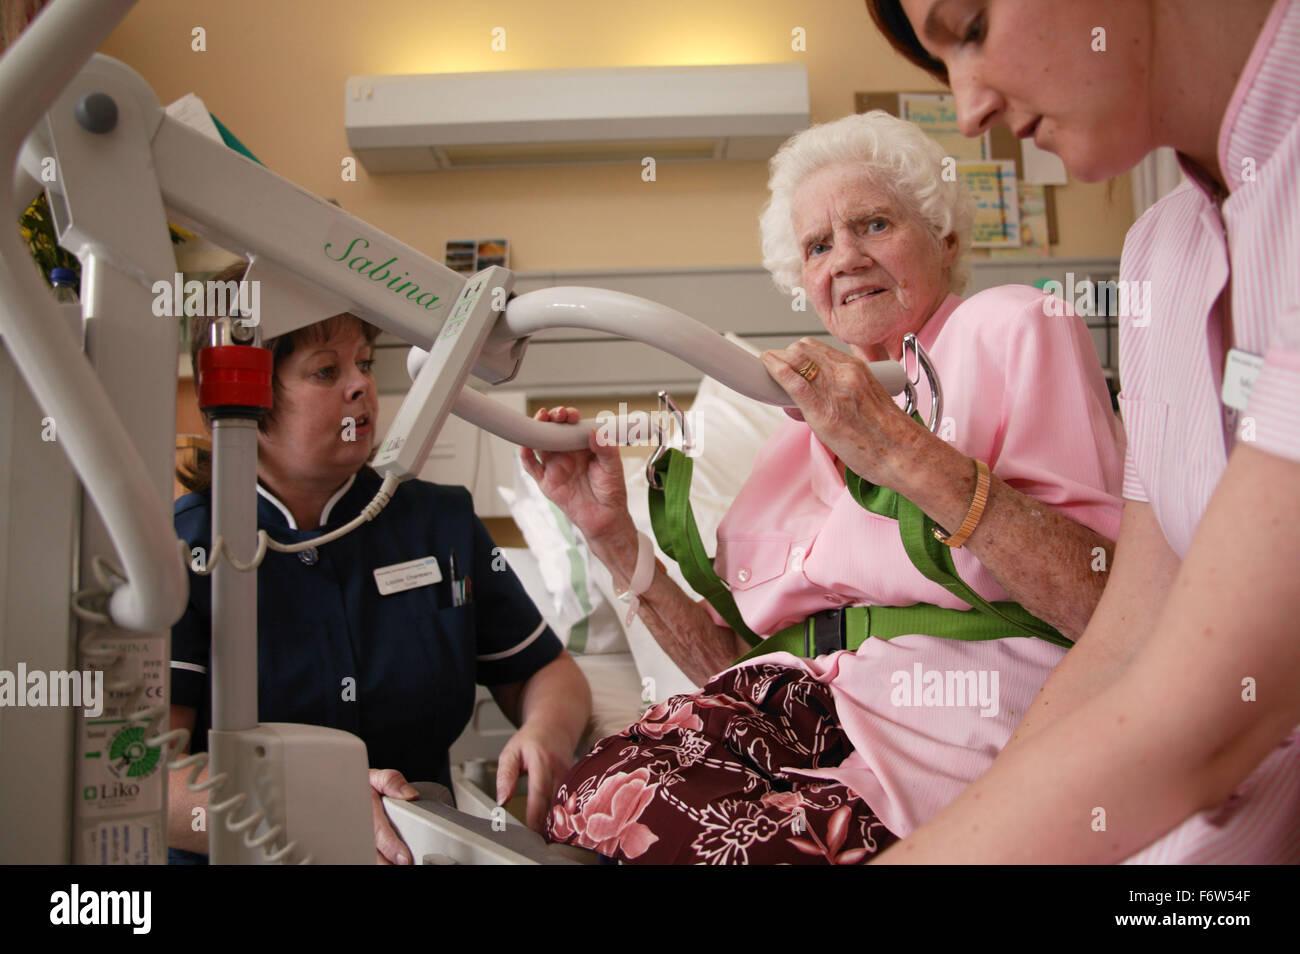 Infermiera con disabilità e lavoratore di cura di salute trasferimento paziente anziano; chi è nonweight Immagini Stock